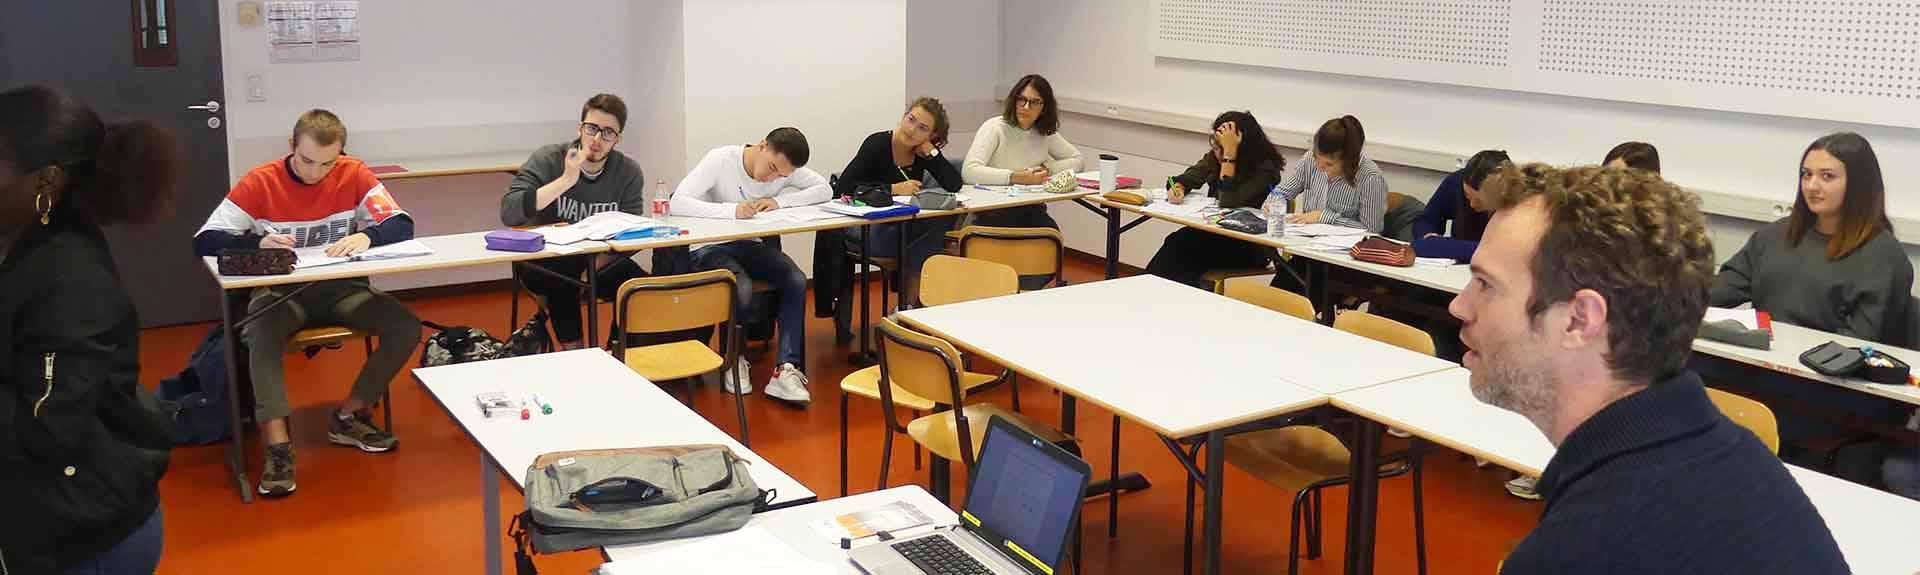 Cours Psycho-Enseignants-Département de Psychologie-SHS